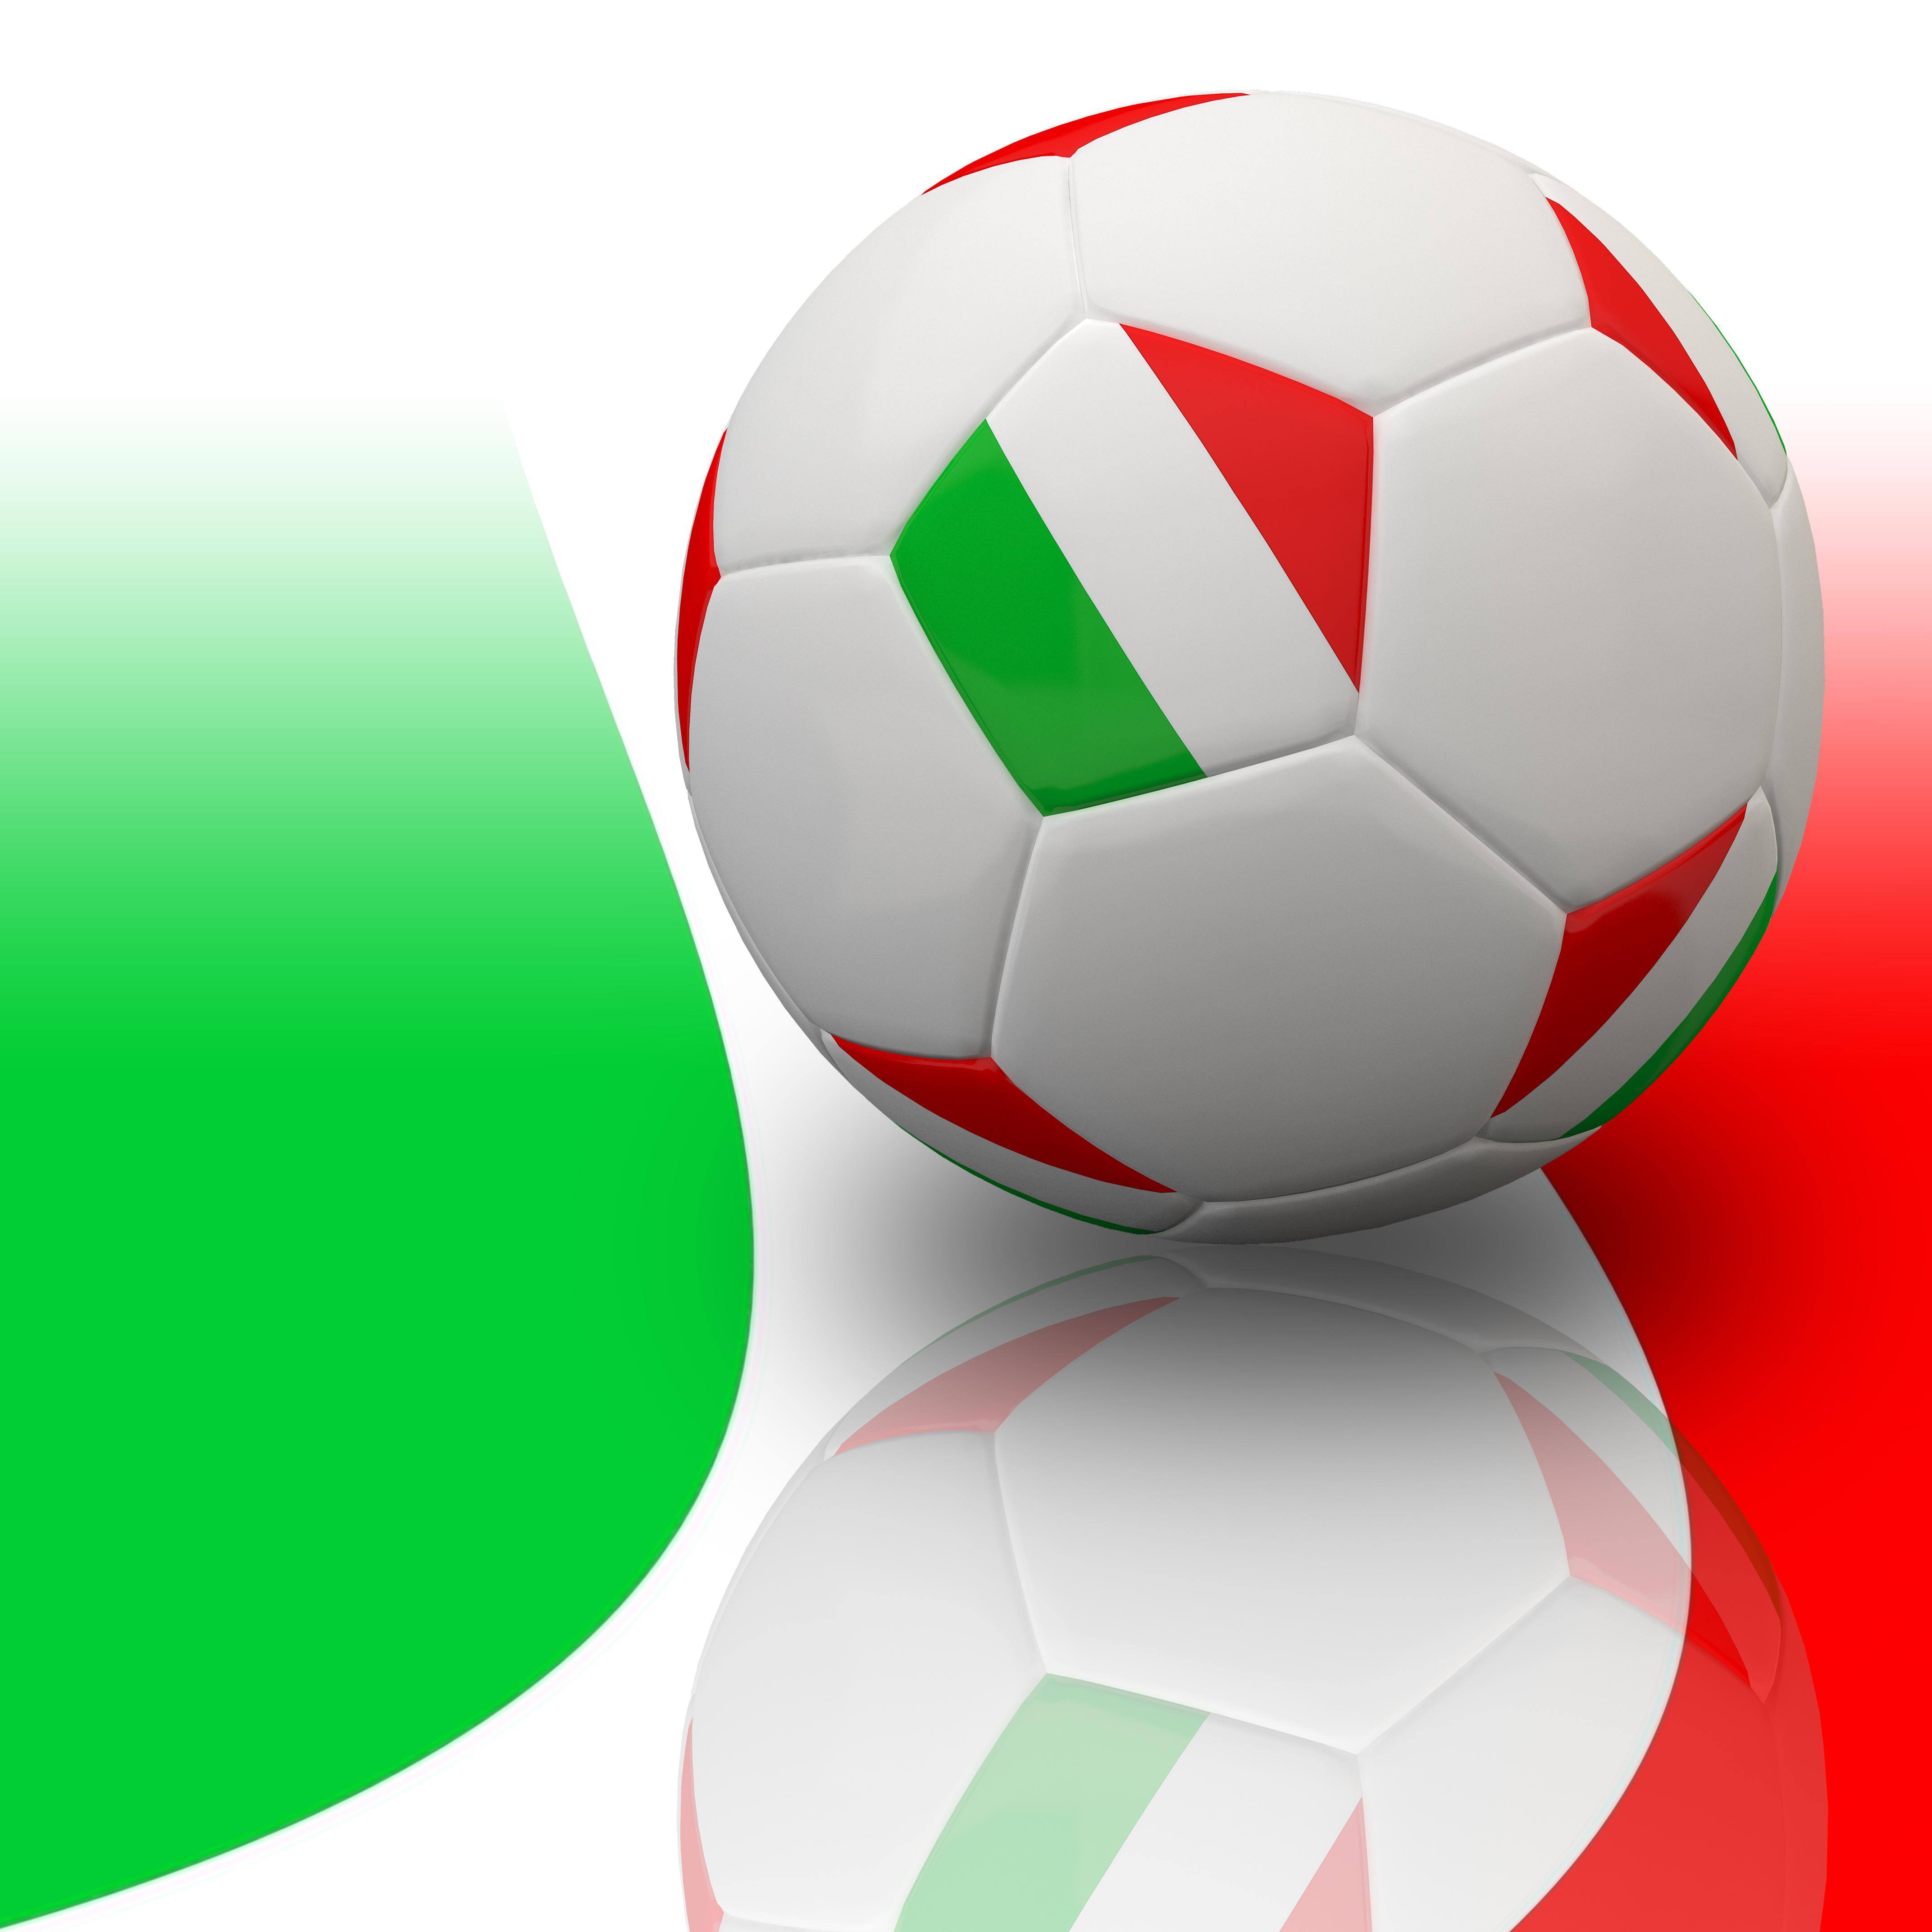 La Juve si ferma a Firenze: 2 - 1! Alle spalle vincono Roma, Napoli e Lazio; 20 giornata di Serie A, primi risultati e classifica